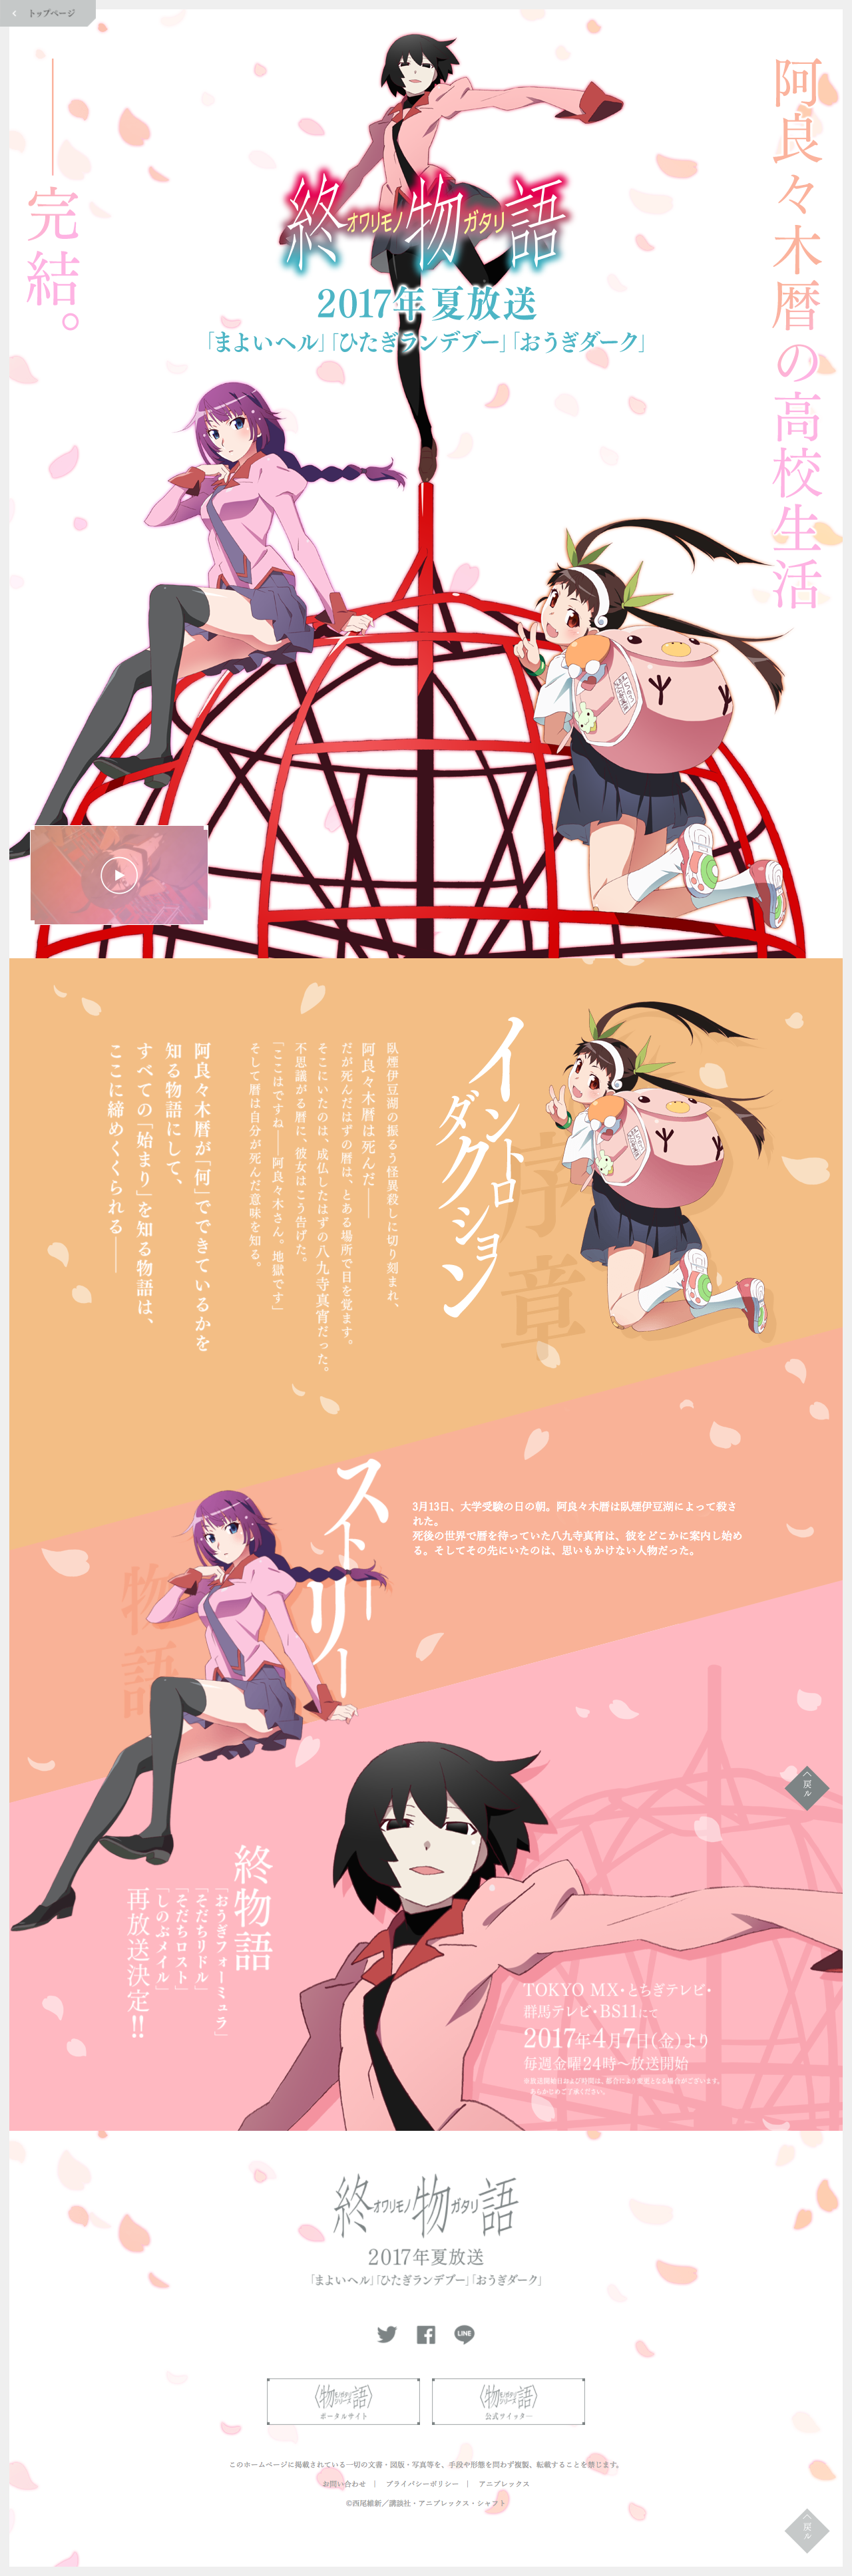 TVアニメ「終物語」公式サイト アニメ, 物語, 集合絵